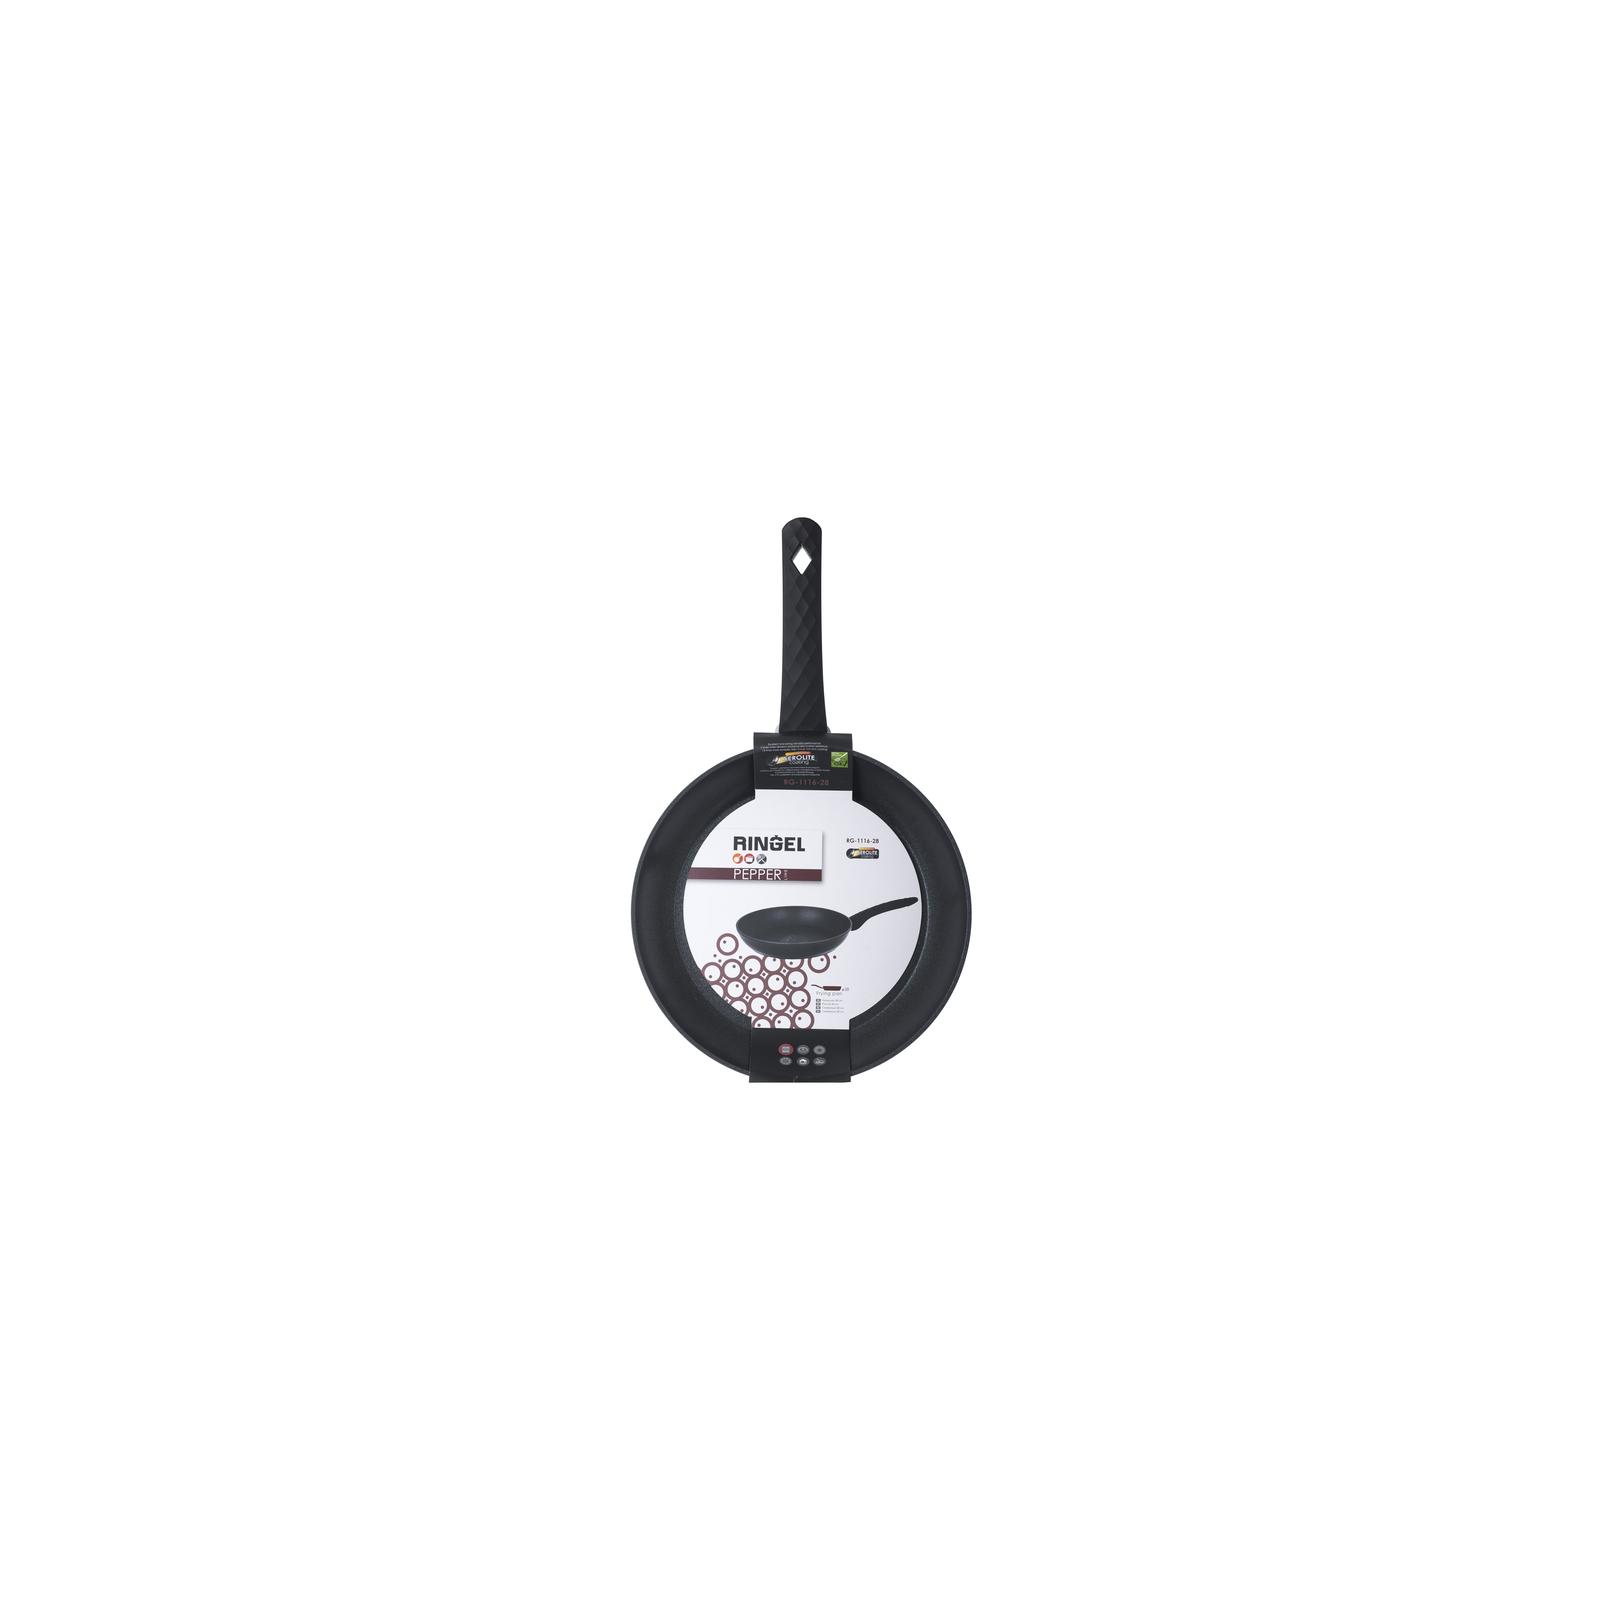 Сковорода Ringel Pepper 26 см (RG-1116-26) изображение 6